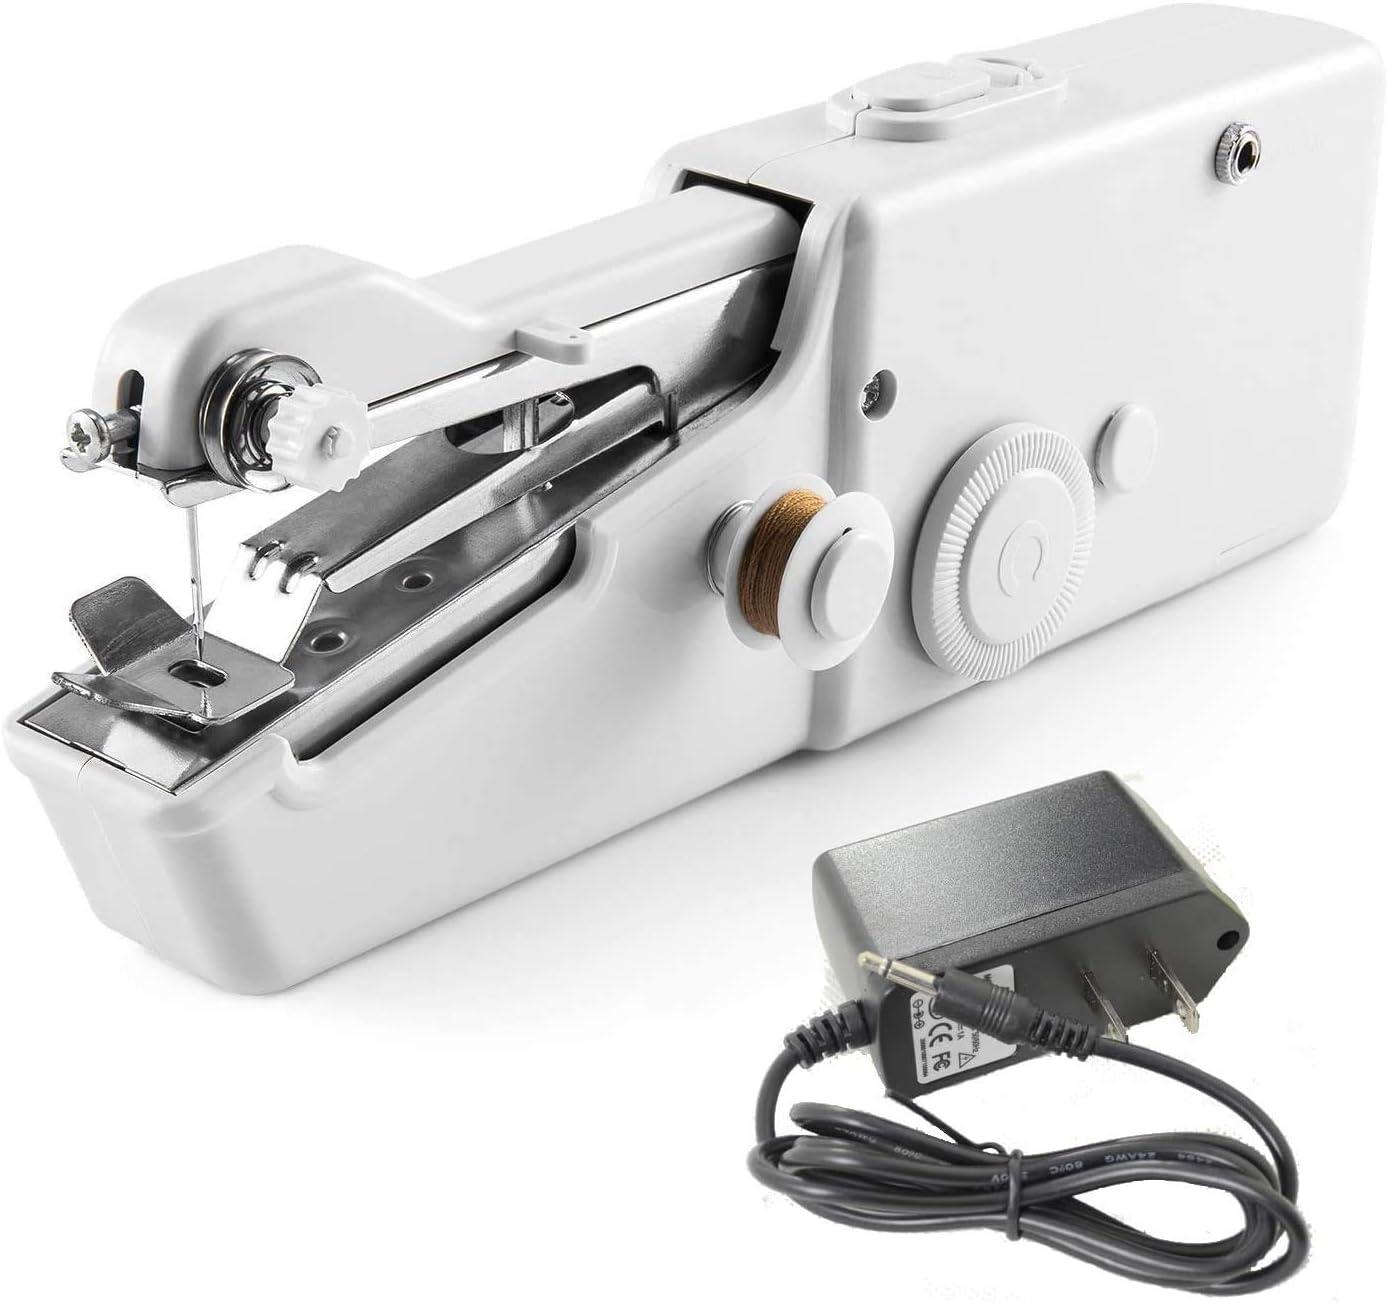 YLOVOW Máquina De Coser De Mano, Tienda De Artesanía DIY, Máquina De Coser Portátil, Utilizada para Telas, Ropa, Ropa para Niños, Viajes Familiares (Cable De Alimentación De Regalo)